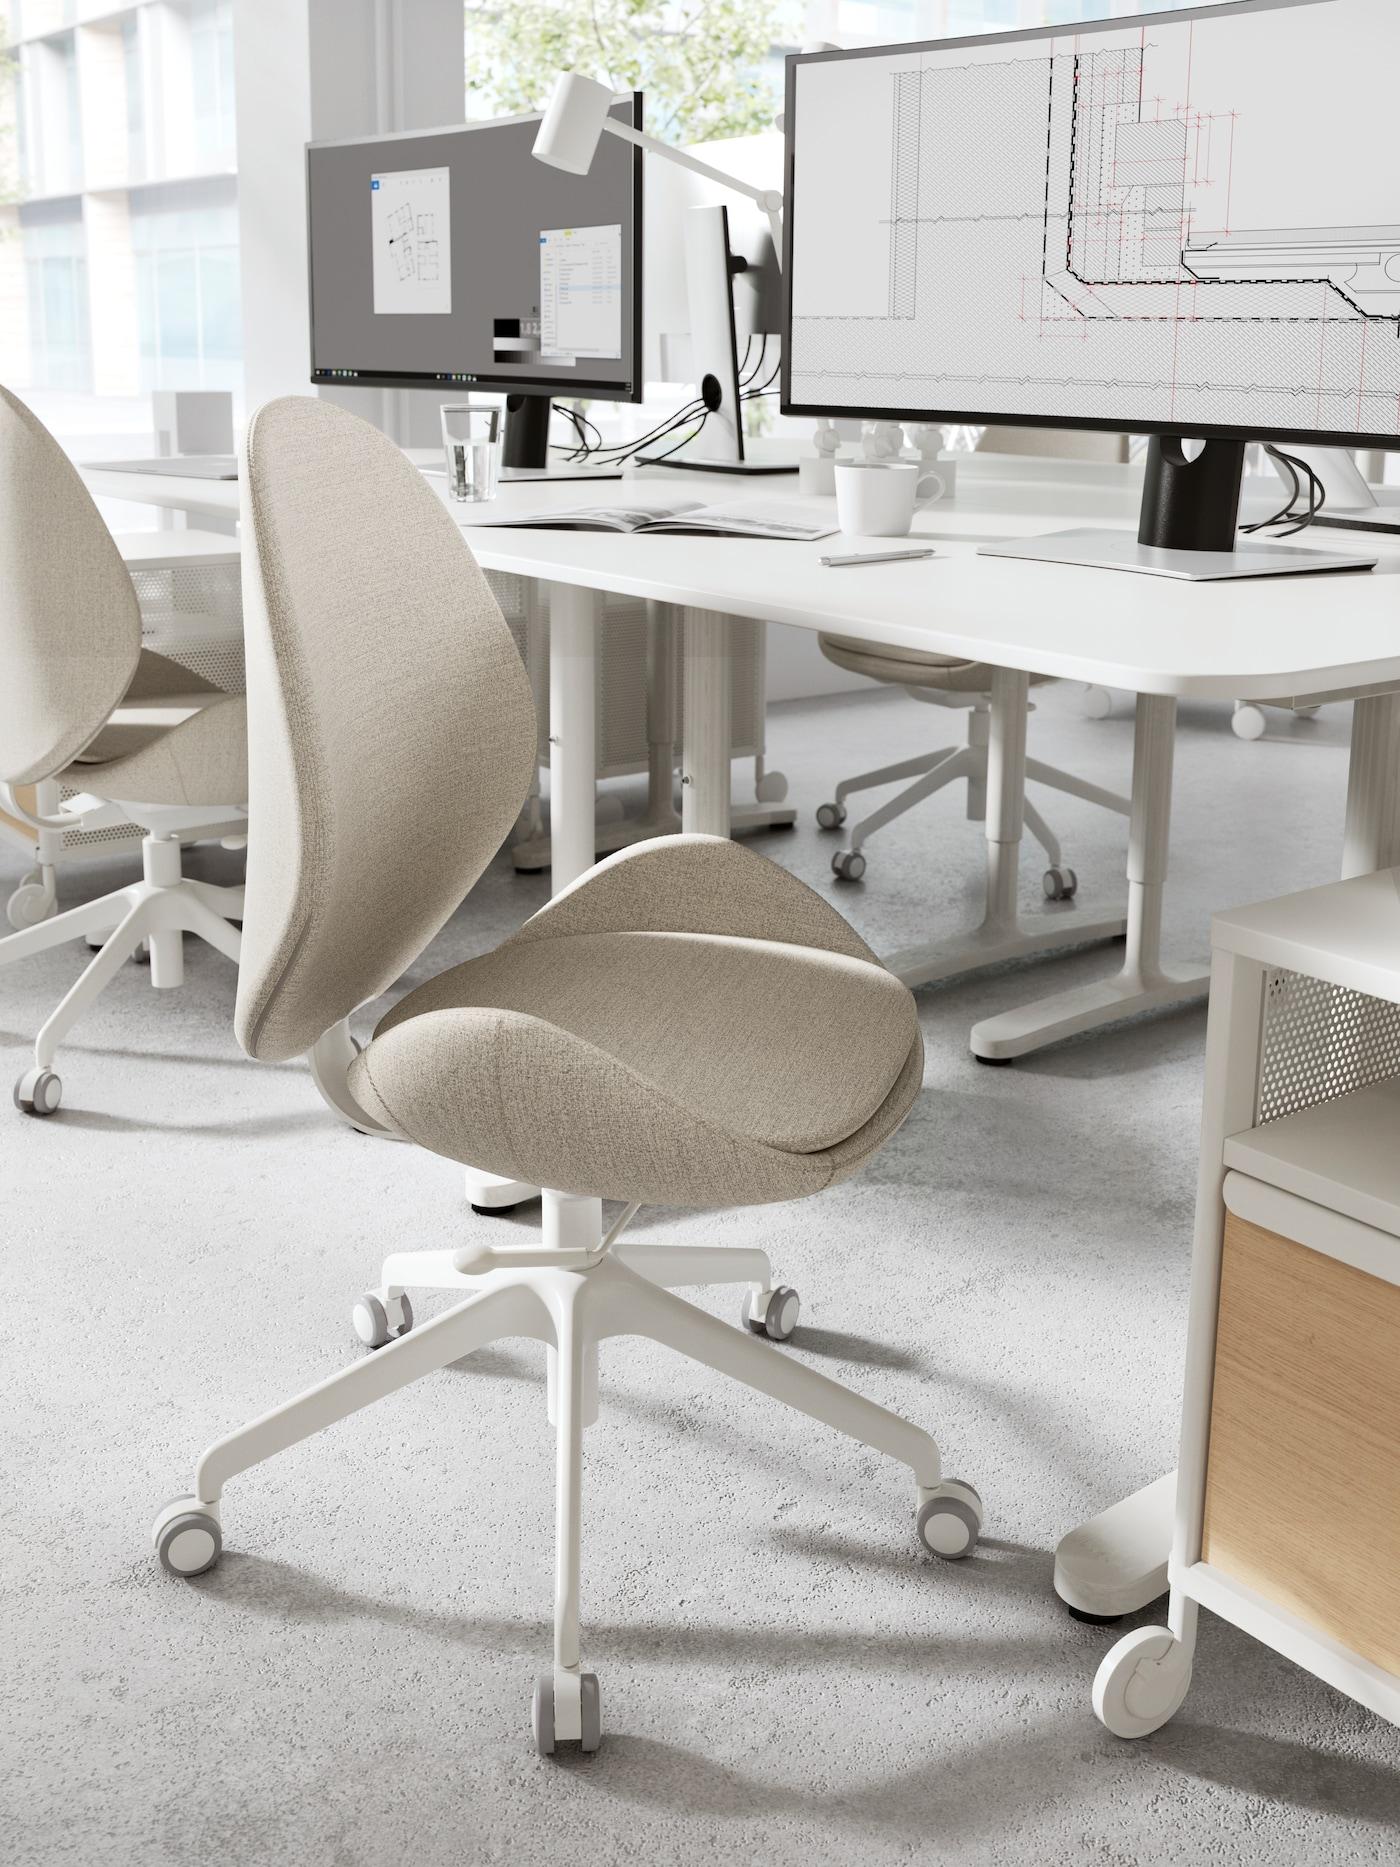 Arbeidsmiljø åpent for kreativt samarbeid IKEA